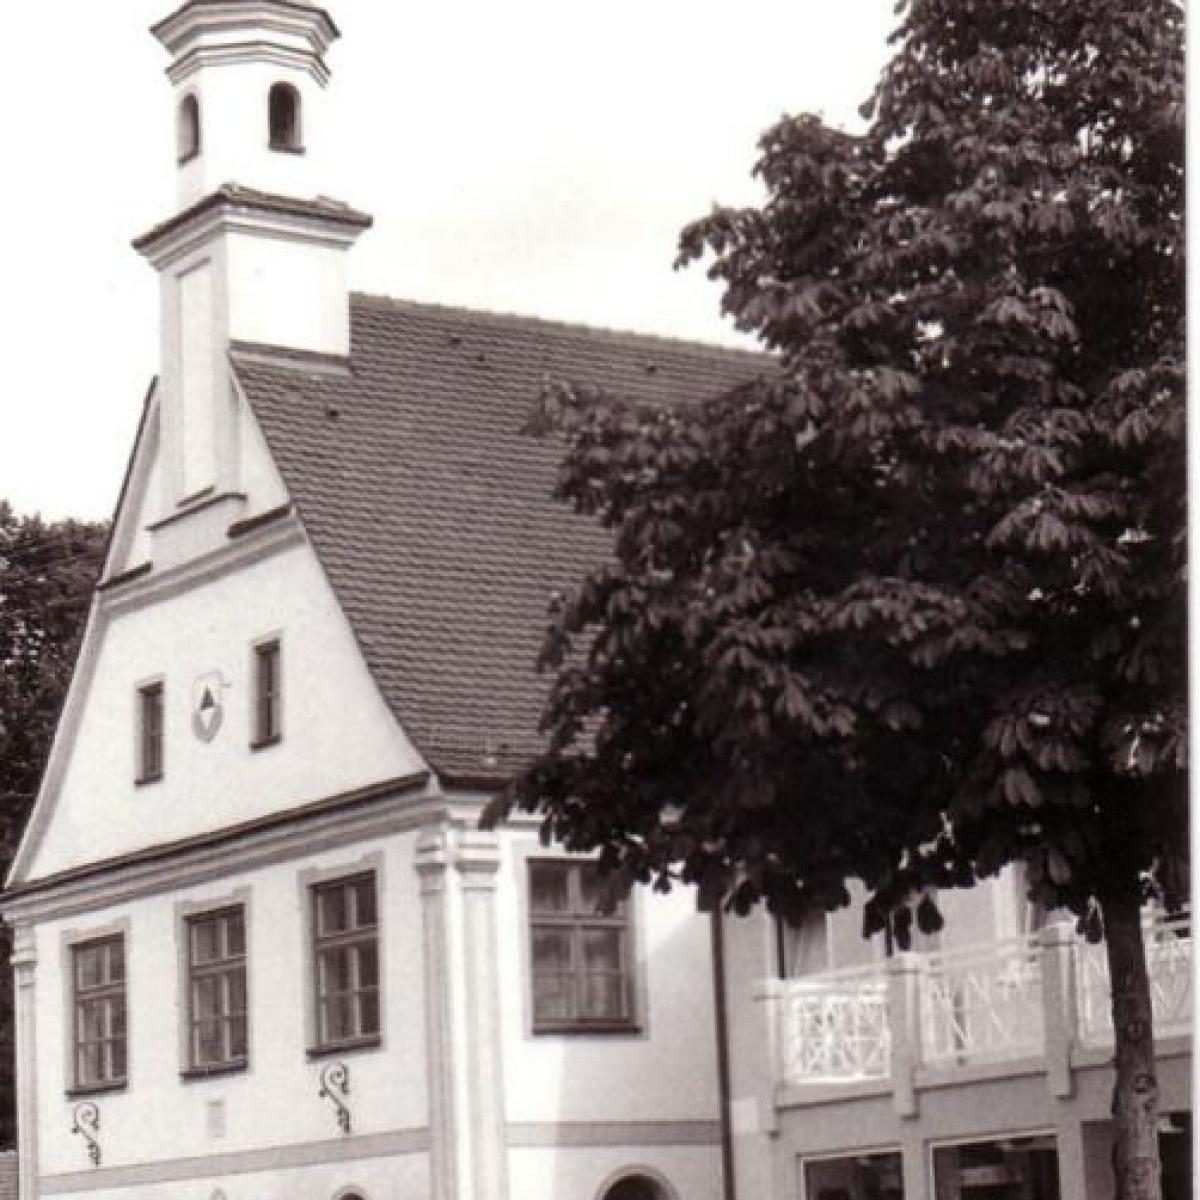 Urkunde: Das Geheimnis Im Rathaus-Turm - Nachrichten Mindelheim